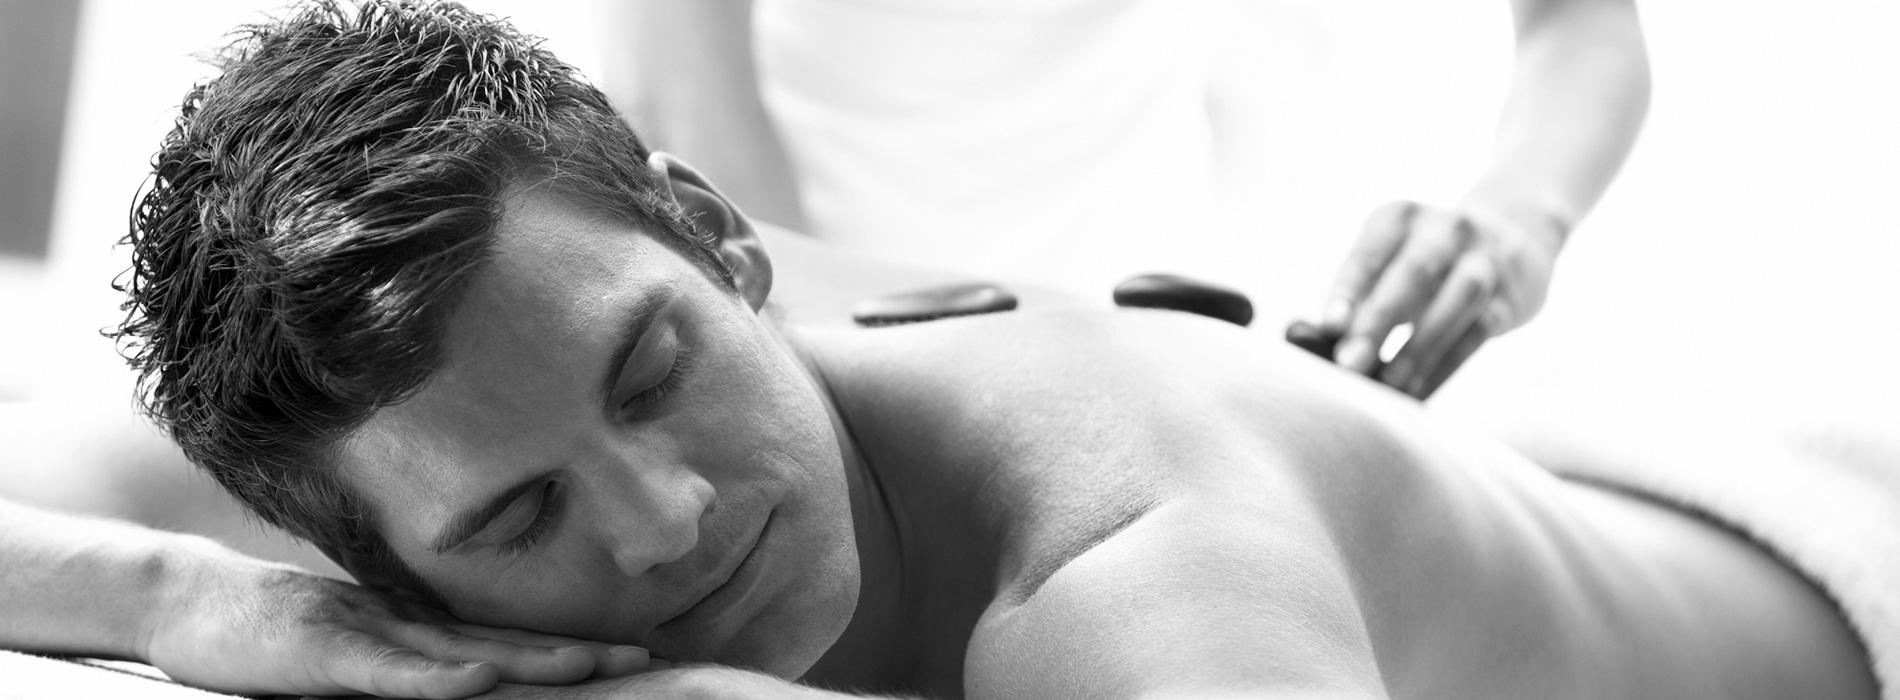 Hot gay men massage